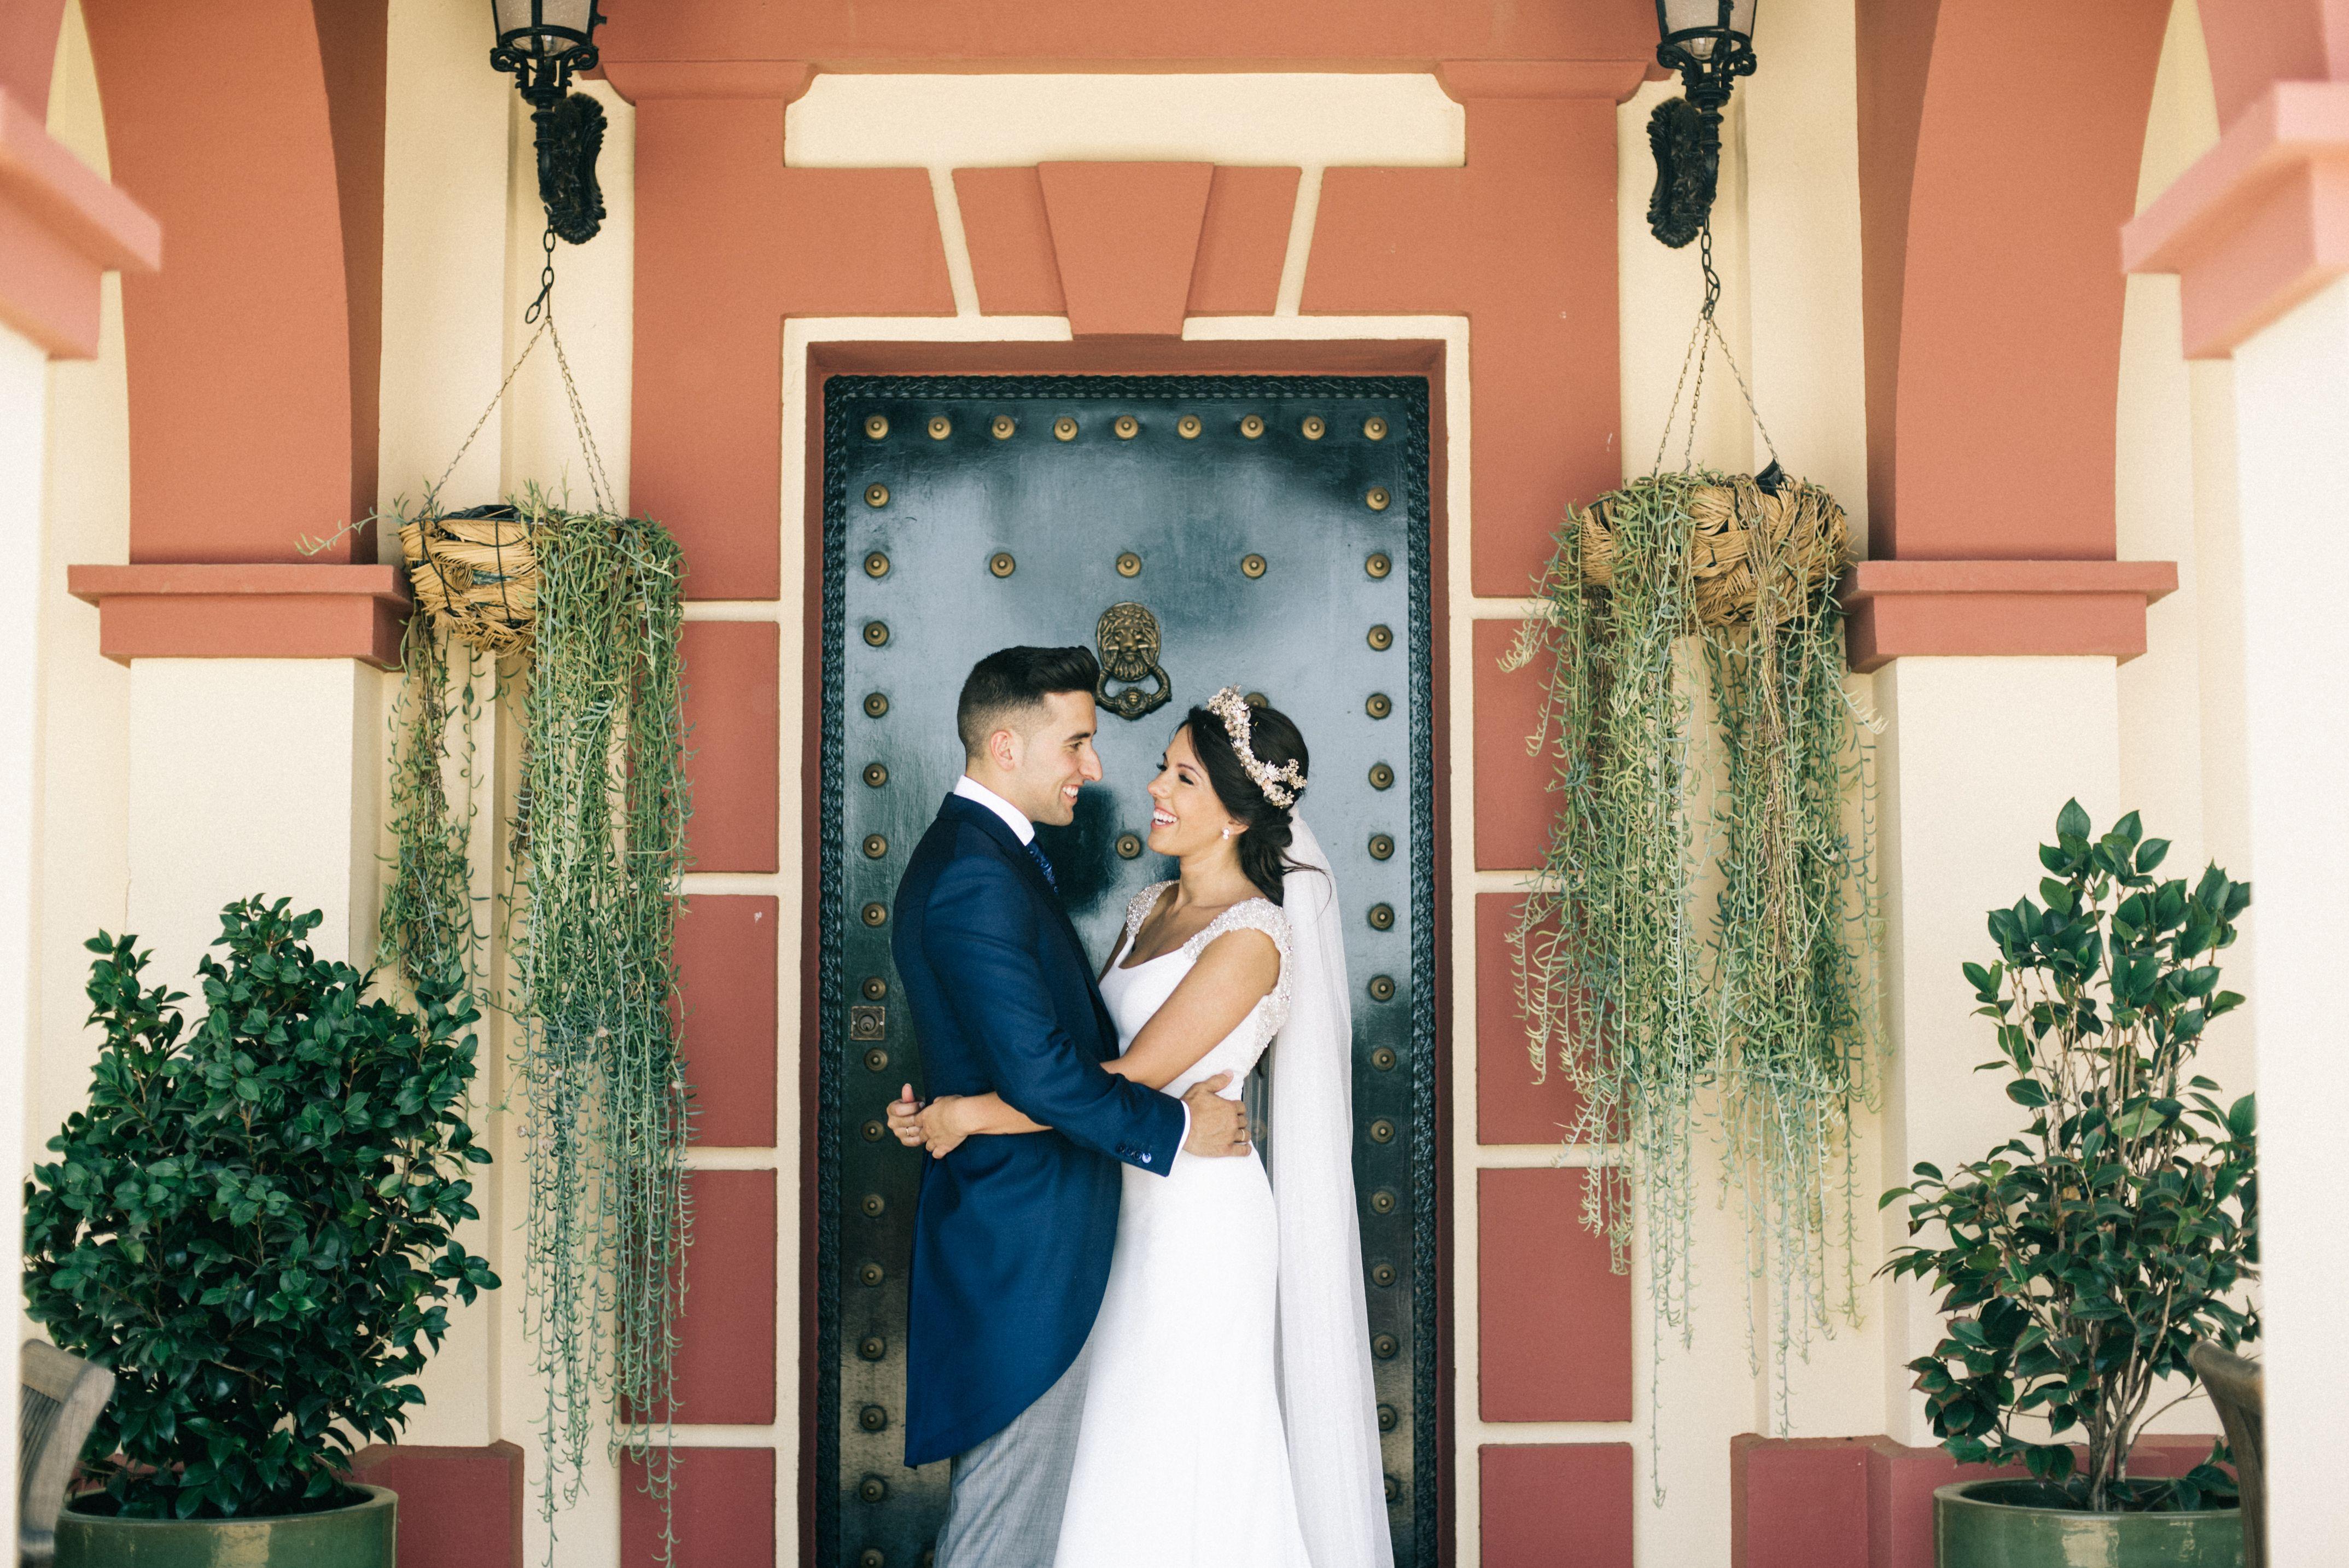 La boda de Roberto y Cristina 50